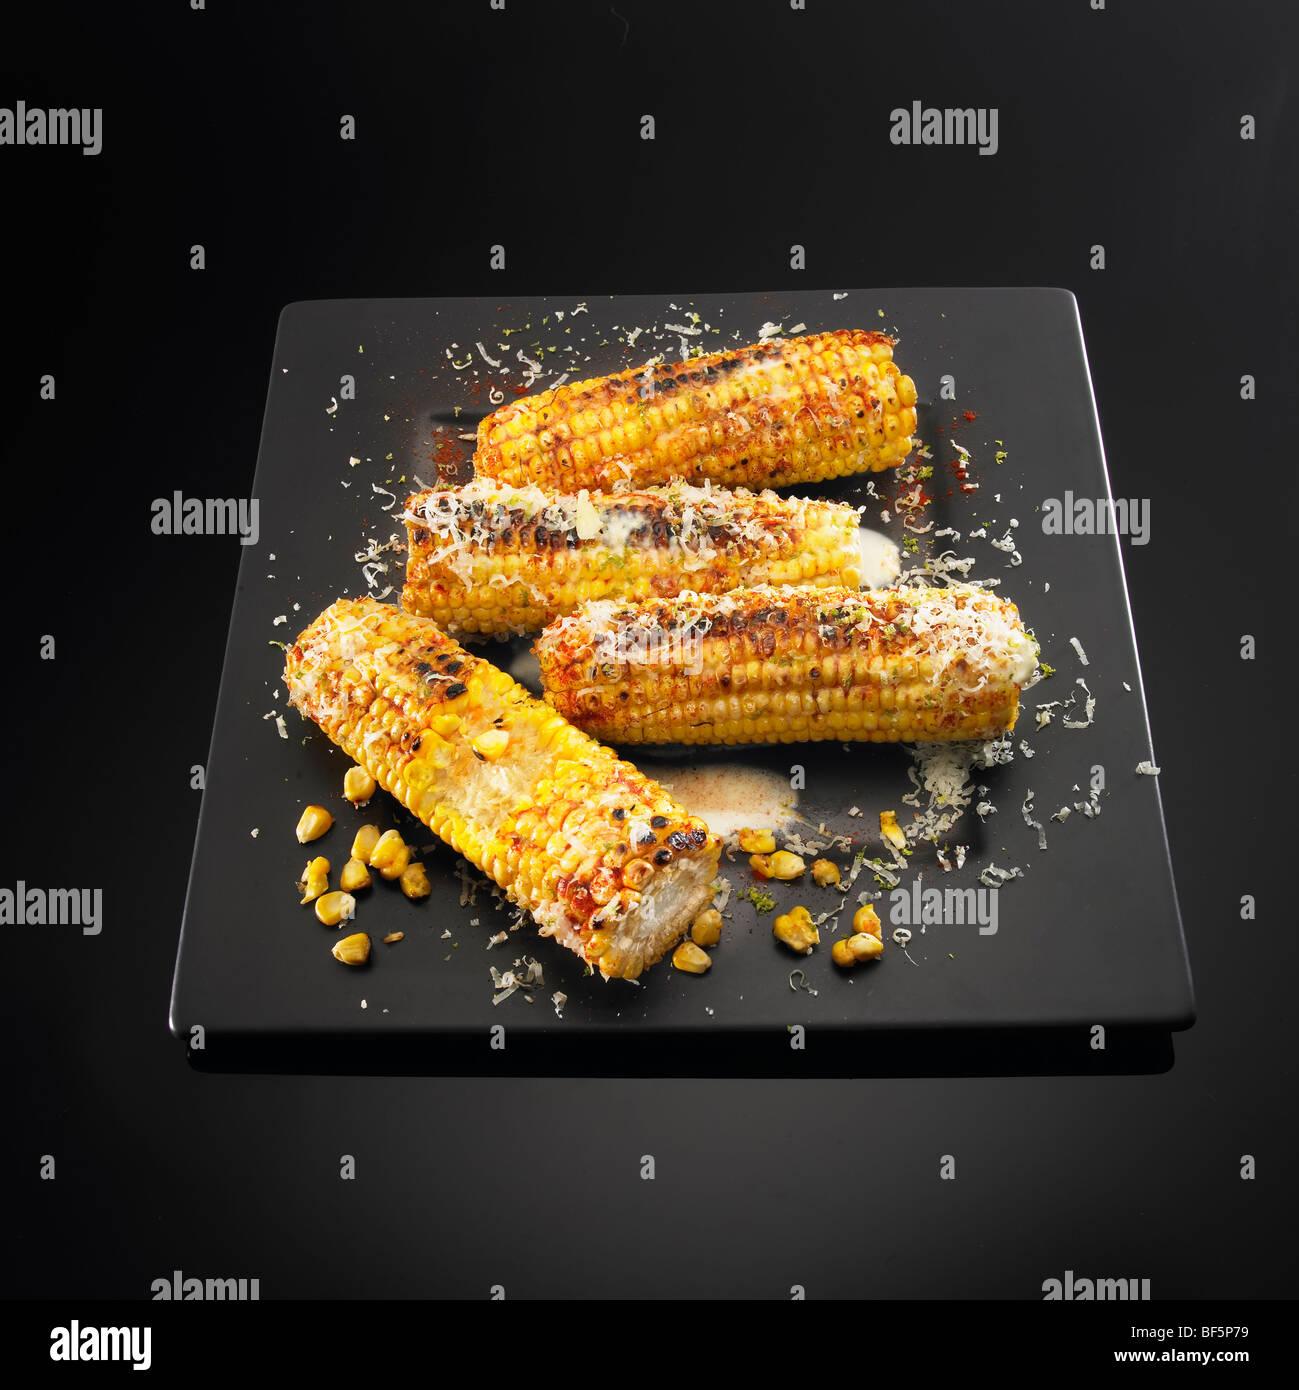 Gegrillte Maiskolben mit Butter, Käse und Chili, auf einem schwarzen Hintergrund. Stockbild